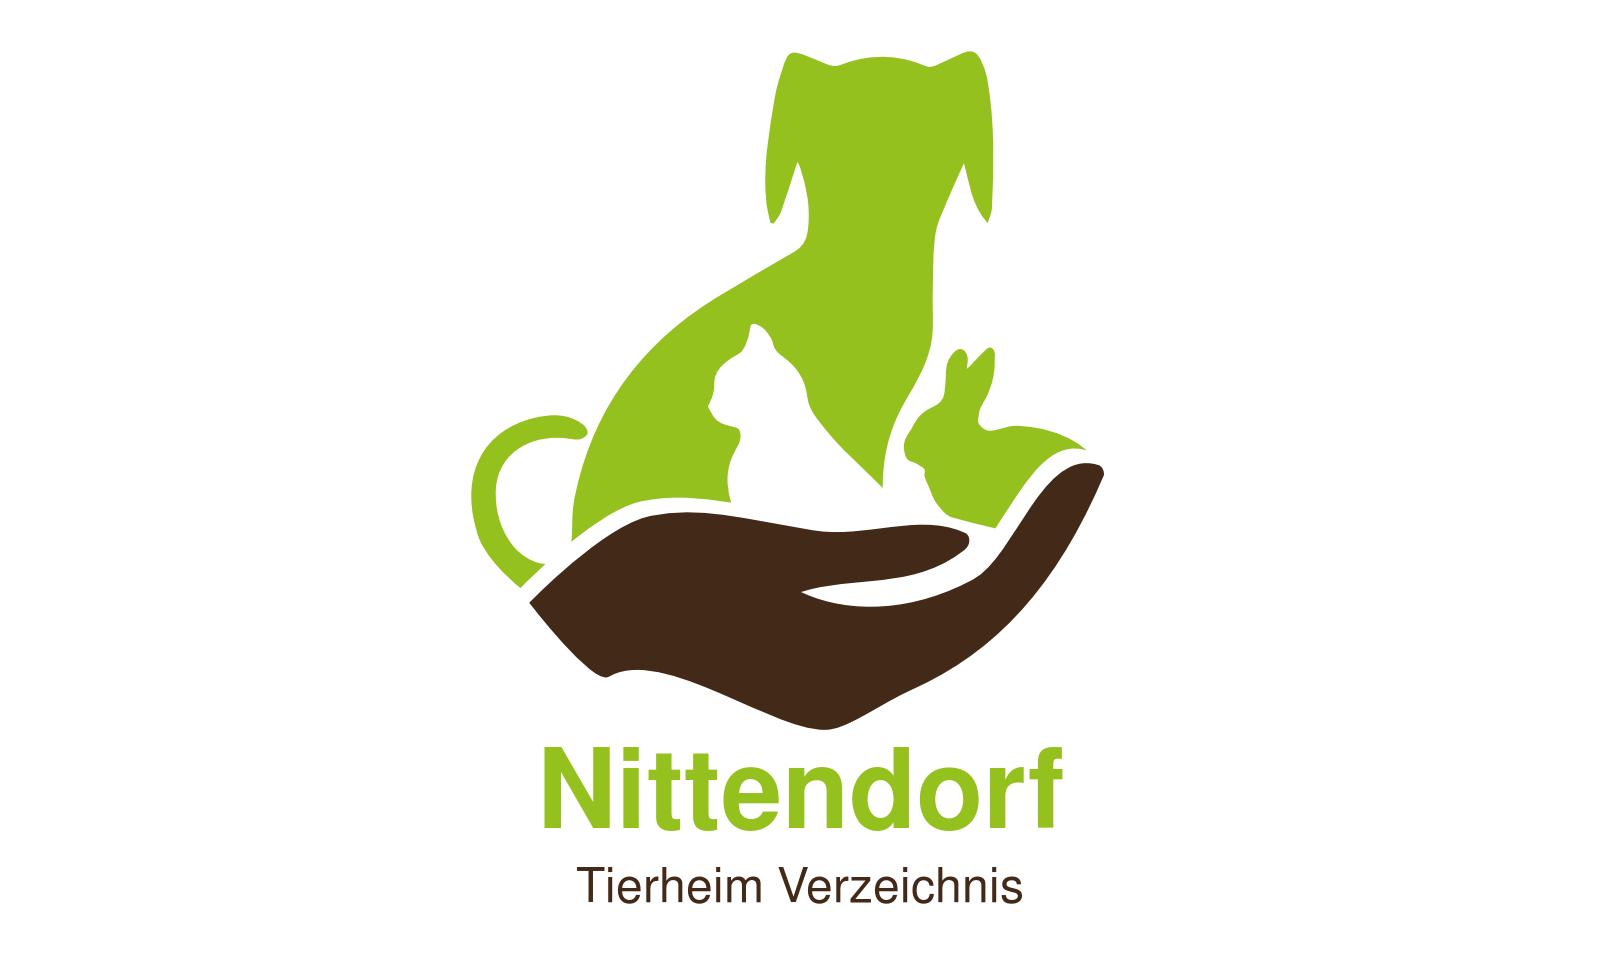 Tierheim Nittendorf